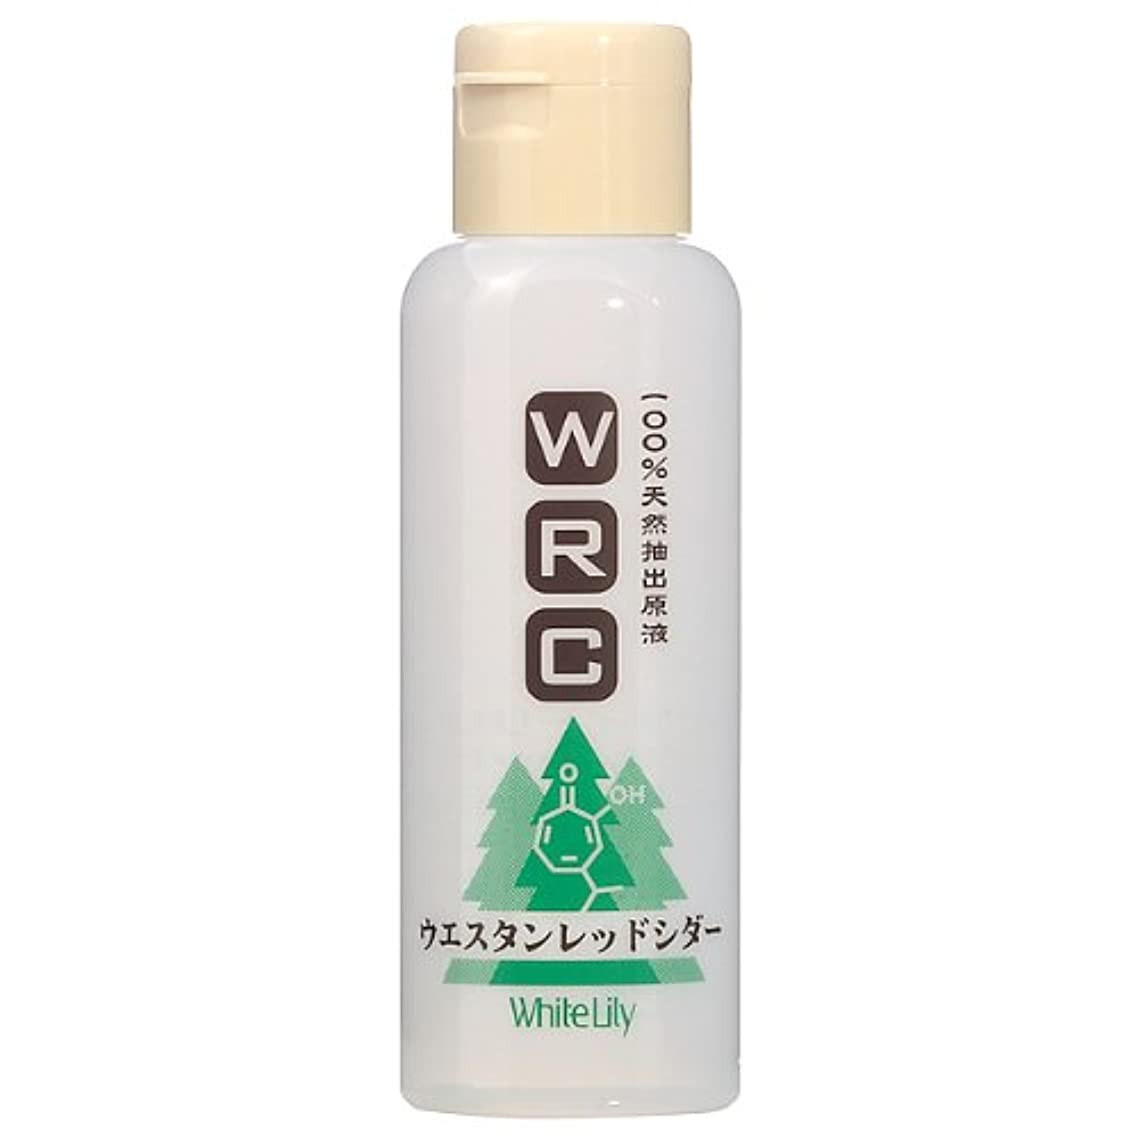 休暇ヨーロッパセラフホワイトリリー ウエスタンレッドシダー 110mL 化粧水